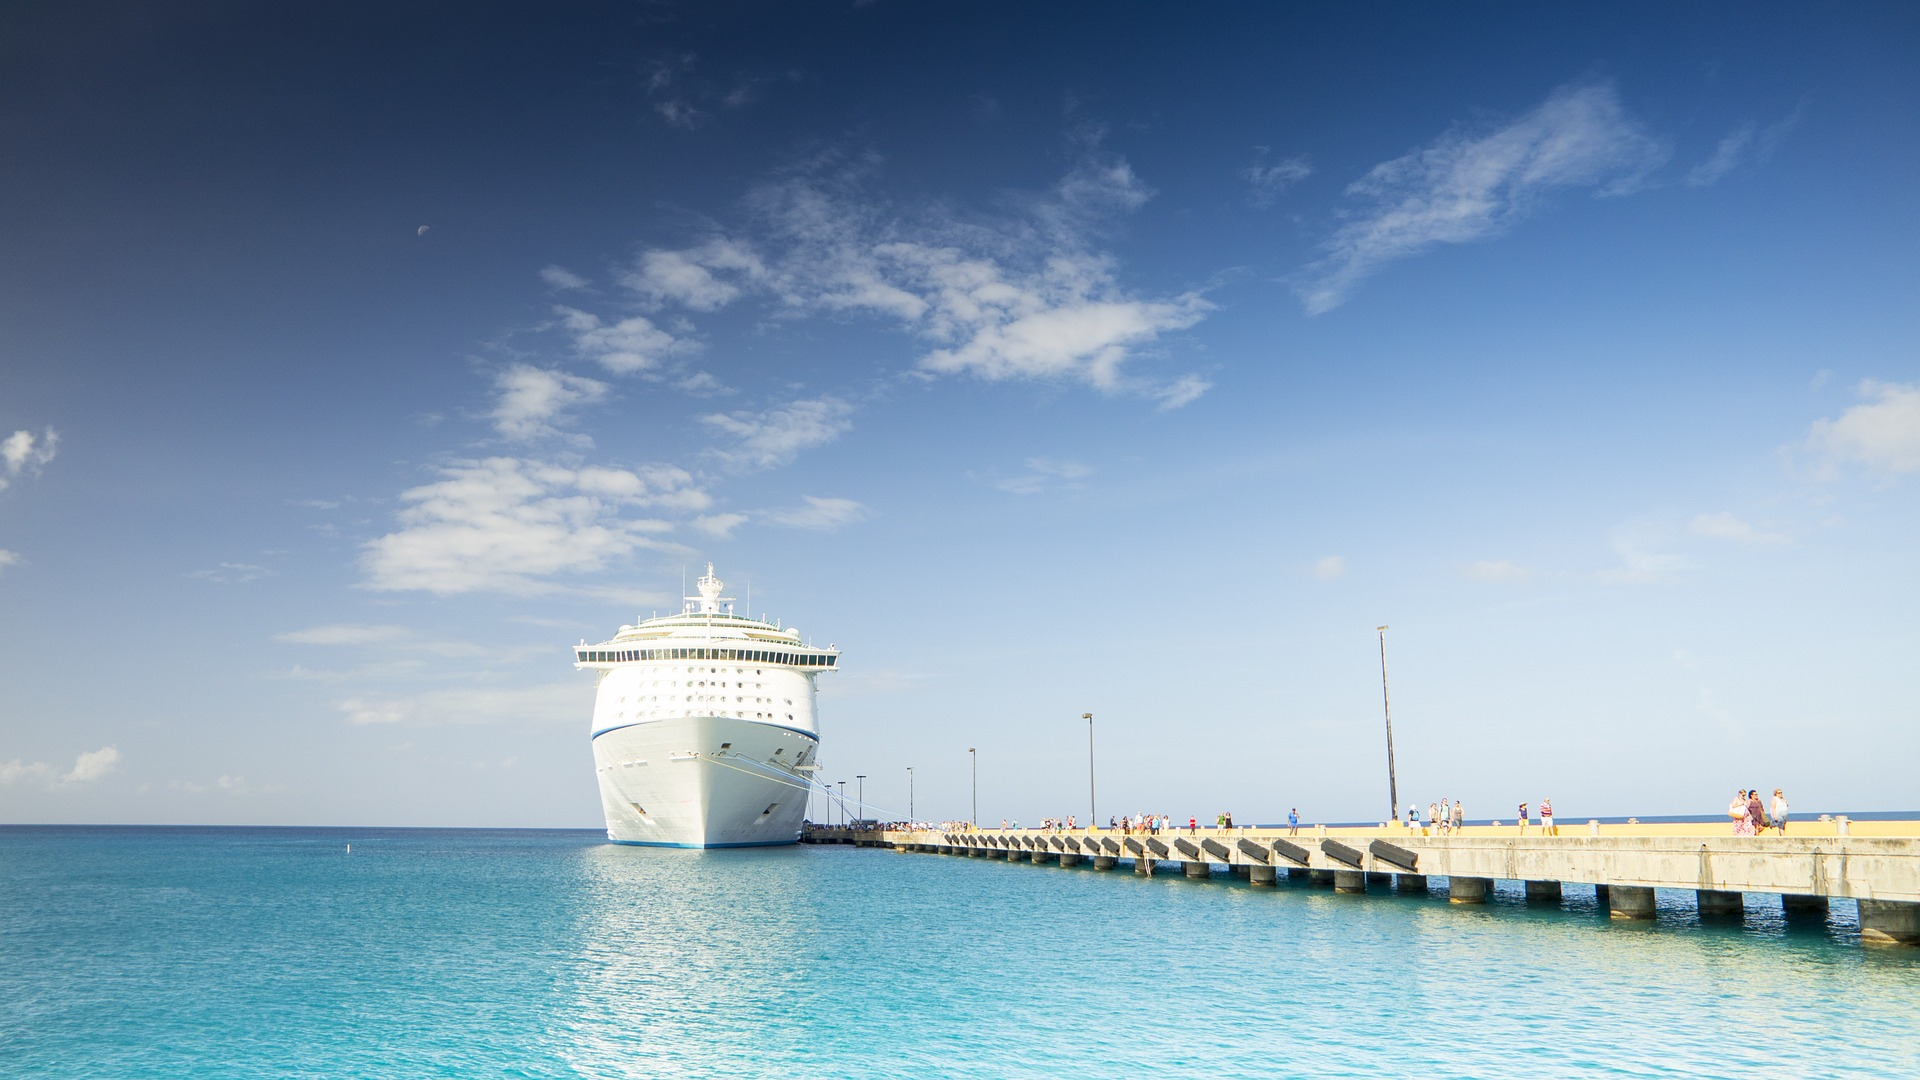 cruise-ship-1218305_1920